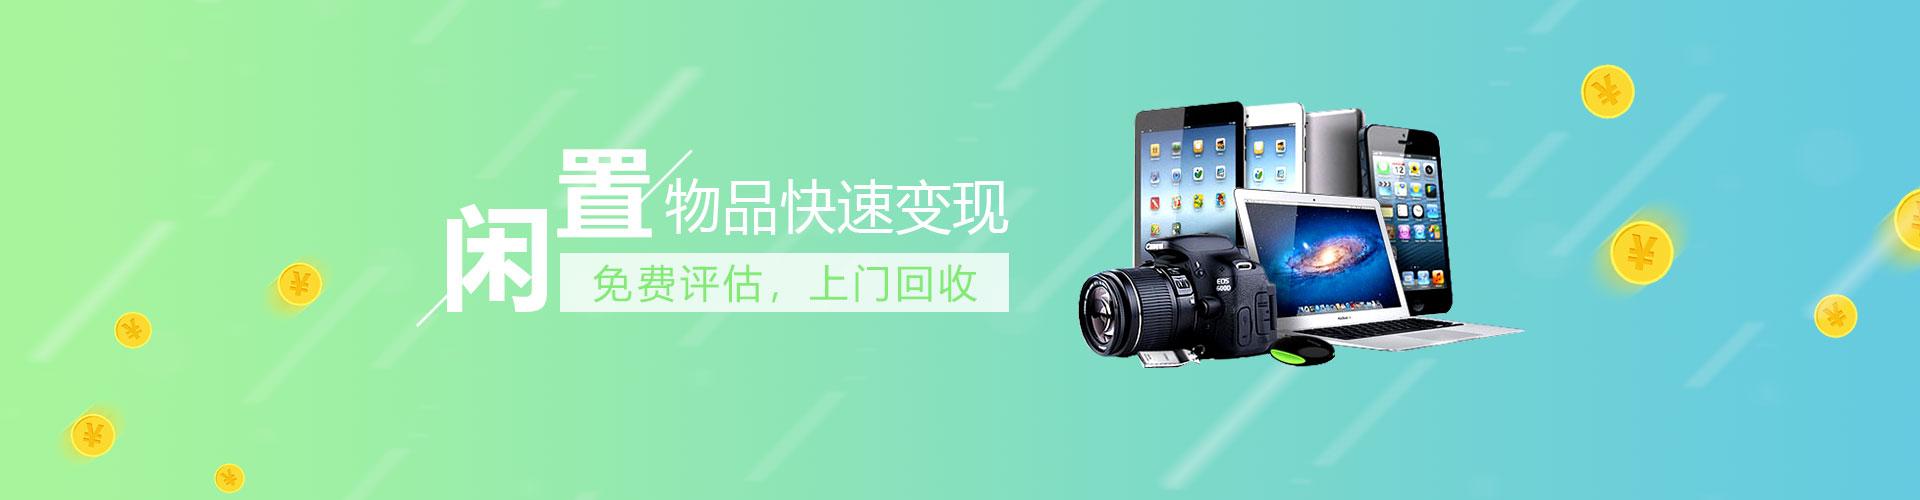 重庆联想维修,重庆thinkpad售后,重庆联想电脑售后服务网点